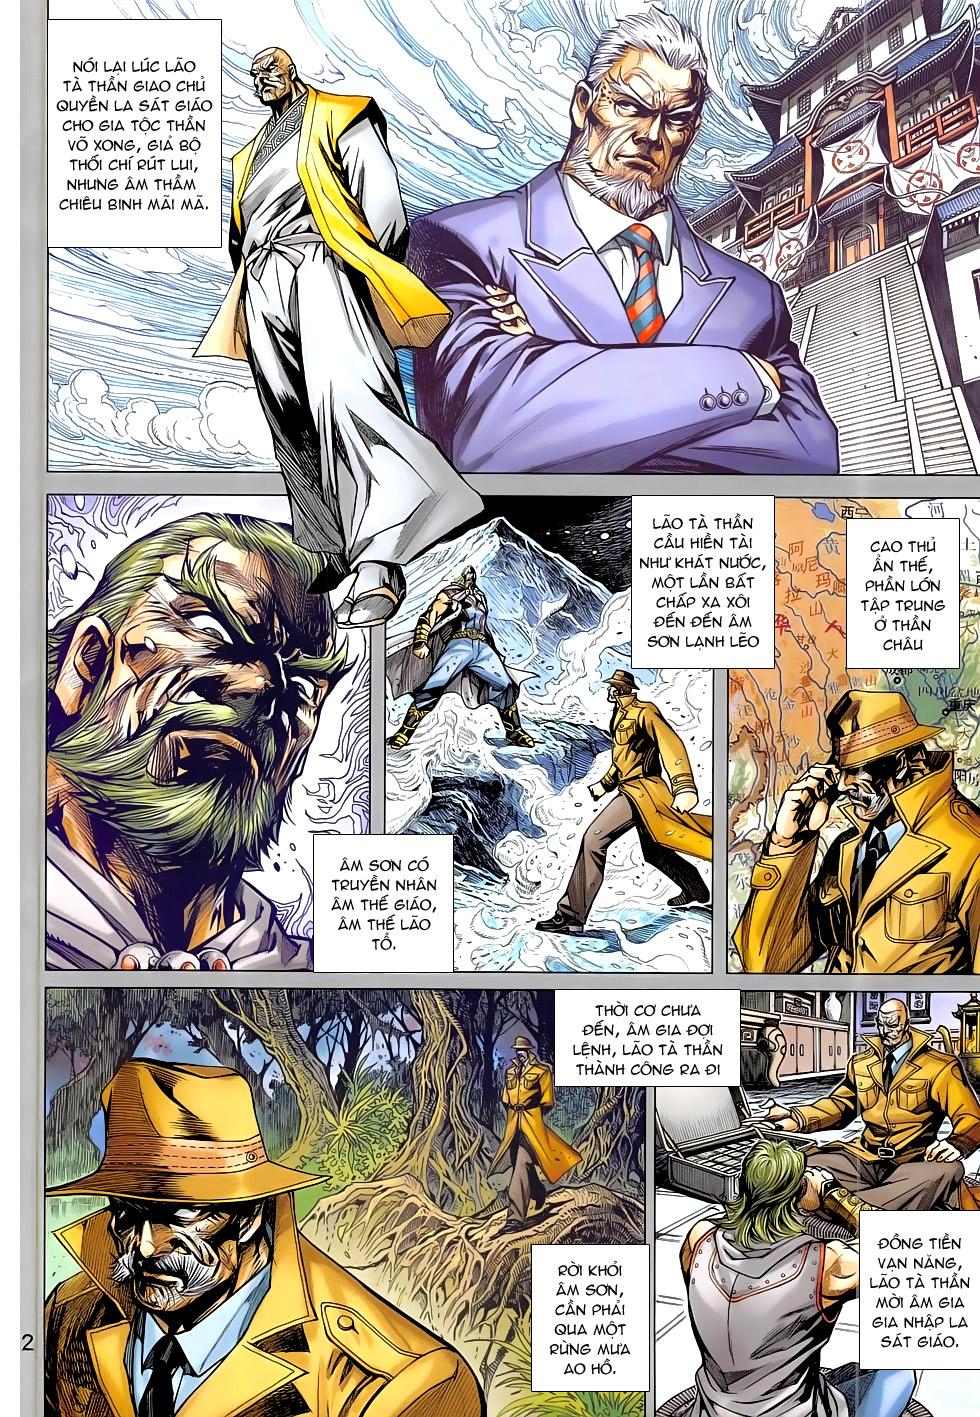 Tân Tác Long Hổ Môn chap 785 Trang 2 - Mangak.info